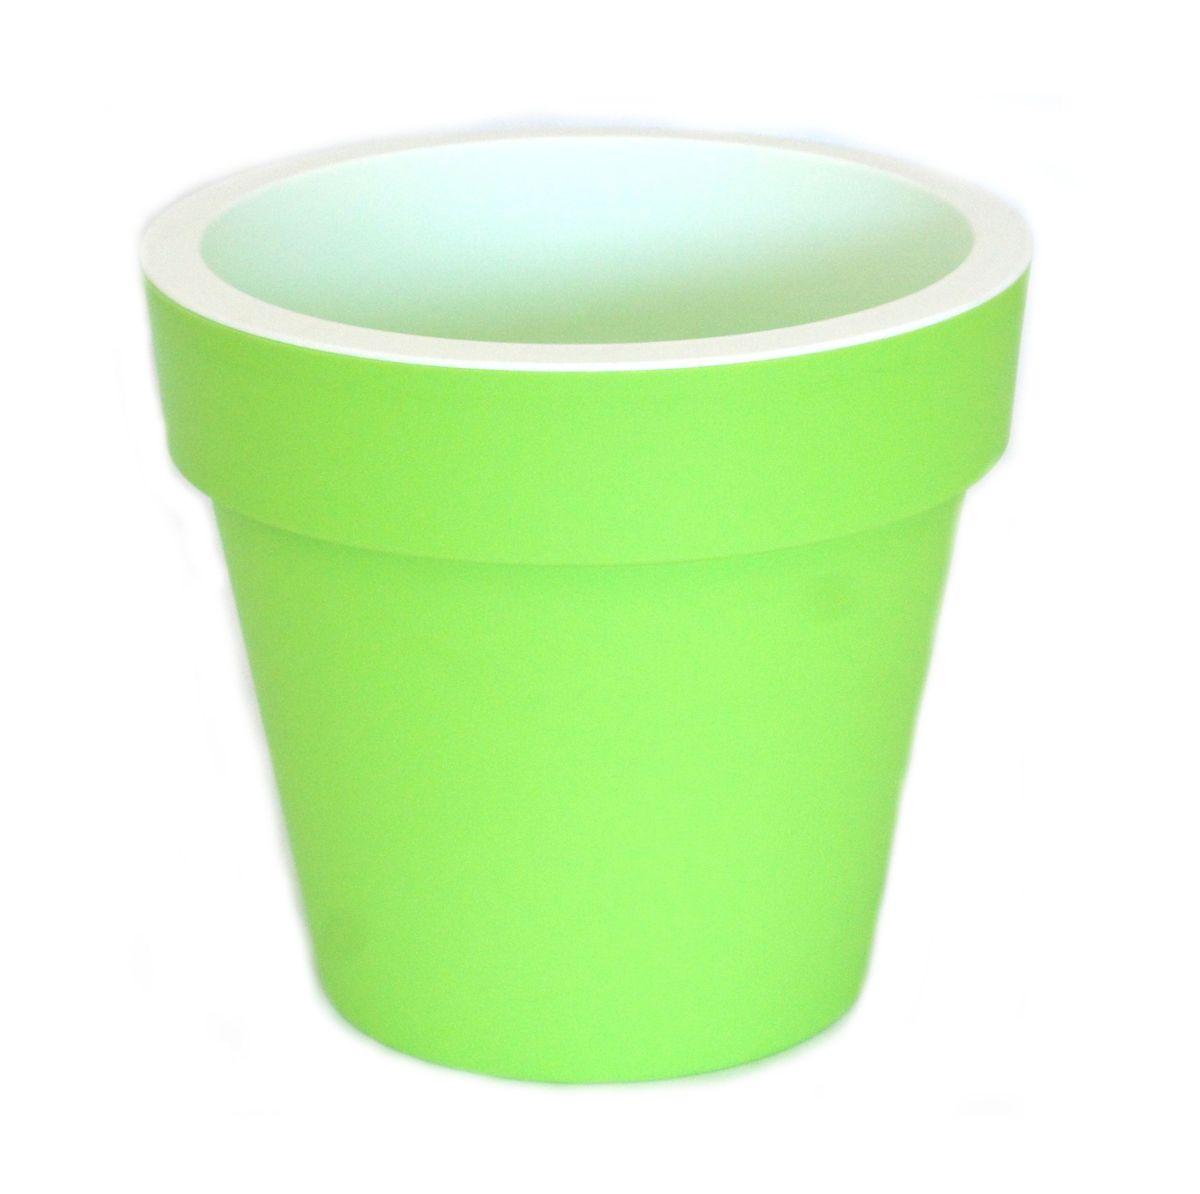 Кашпо JetPlast Порто, со вставкой, цвет: фисташковый, 9 л4612754053056Кашпо Порто классической формы с внутренней вставкой-горшком. Дренажная вставка позволяет легко поливать растения без использования дополнительного поддона. Вместительный объем кашпо позволяет высаживать самые разнообразные растения, а съемная вставка избавит вас от грязи и подчеркнет красоту цветка. Оно изготовлено из прочного полипропилена (пластика). Такое кашпо порадует вас функциональностью, а благодаря лаконичному дизайну впишется в любой интерьер помещения. Объем кашпо: 9 л.